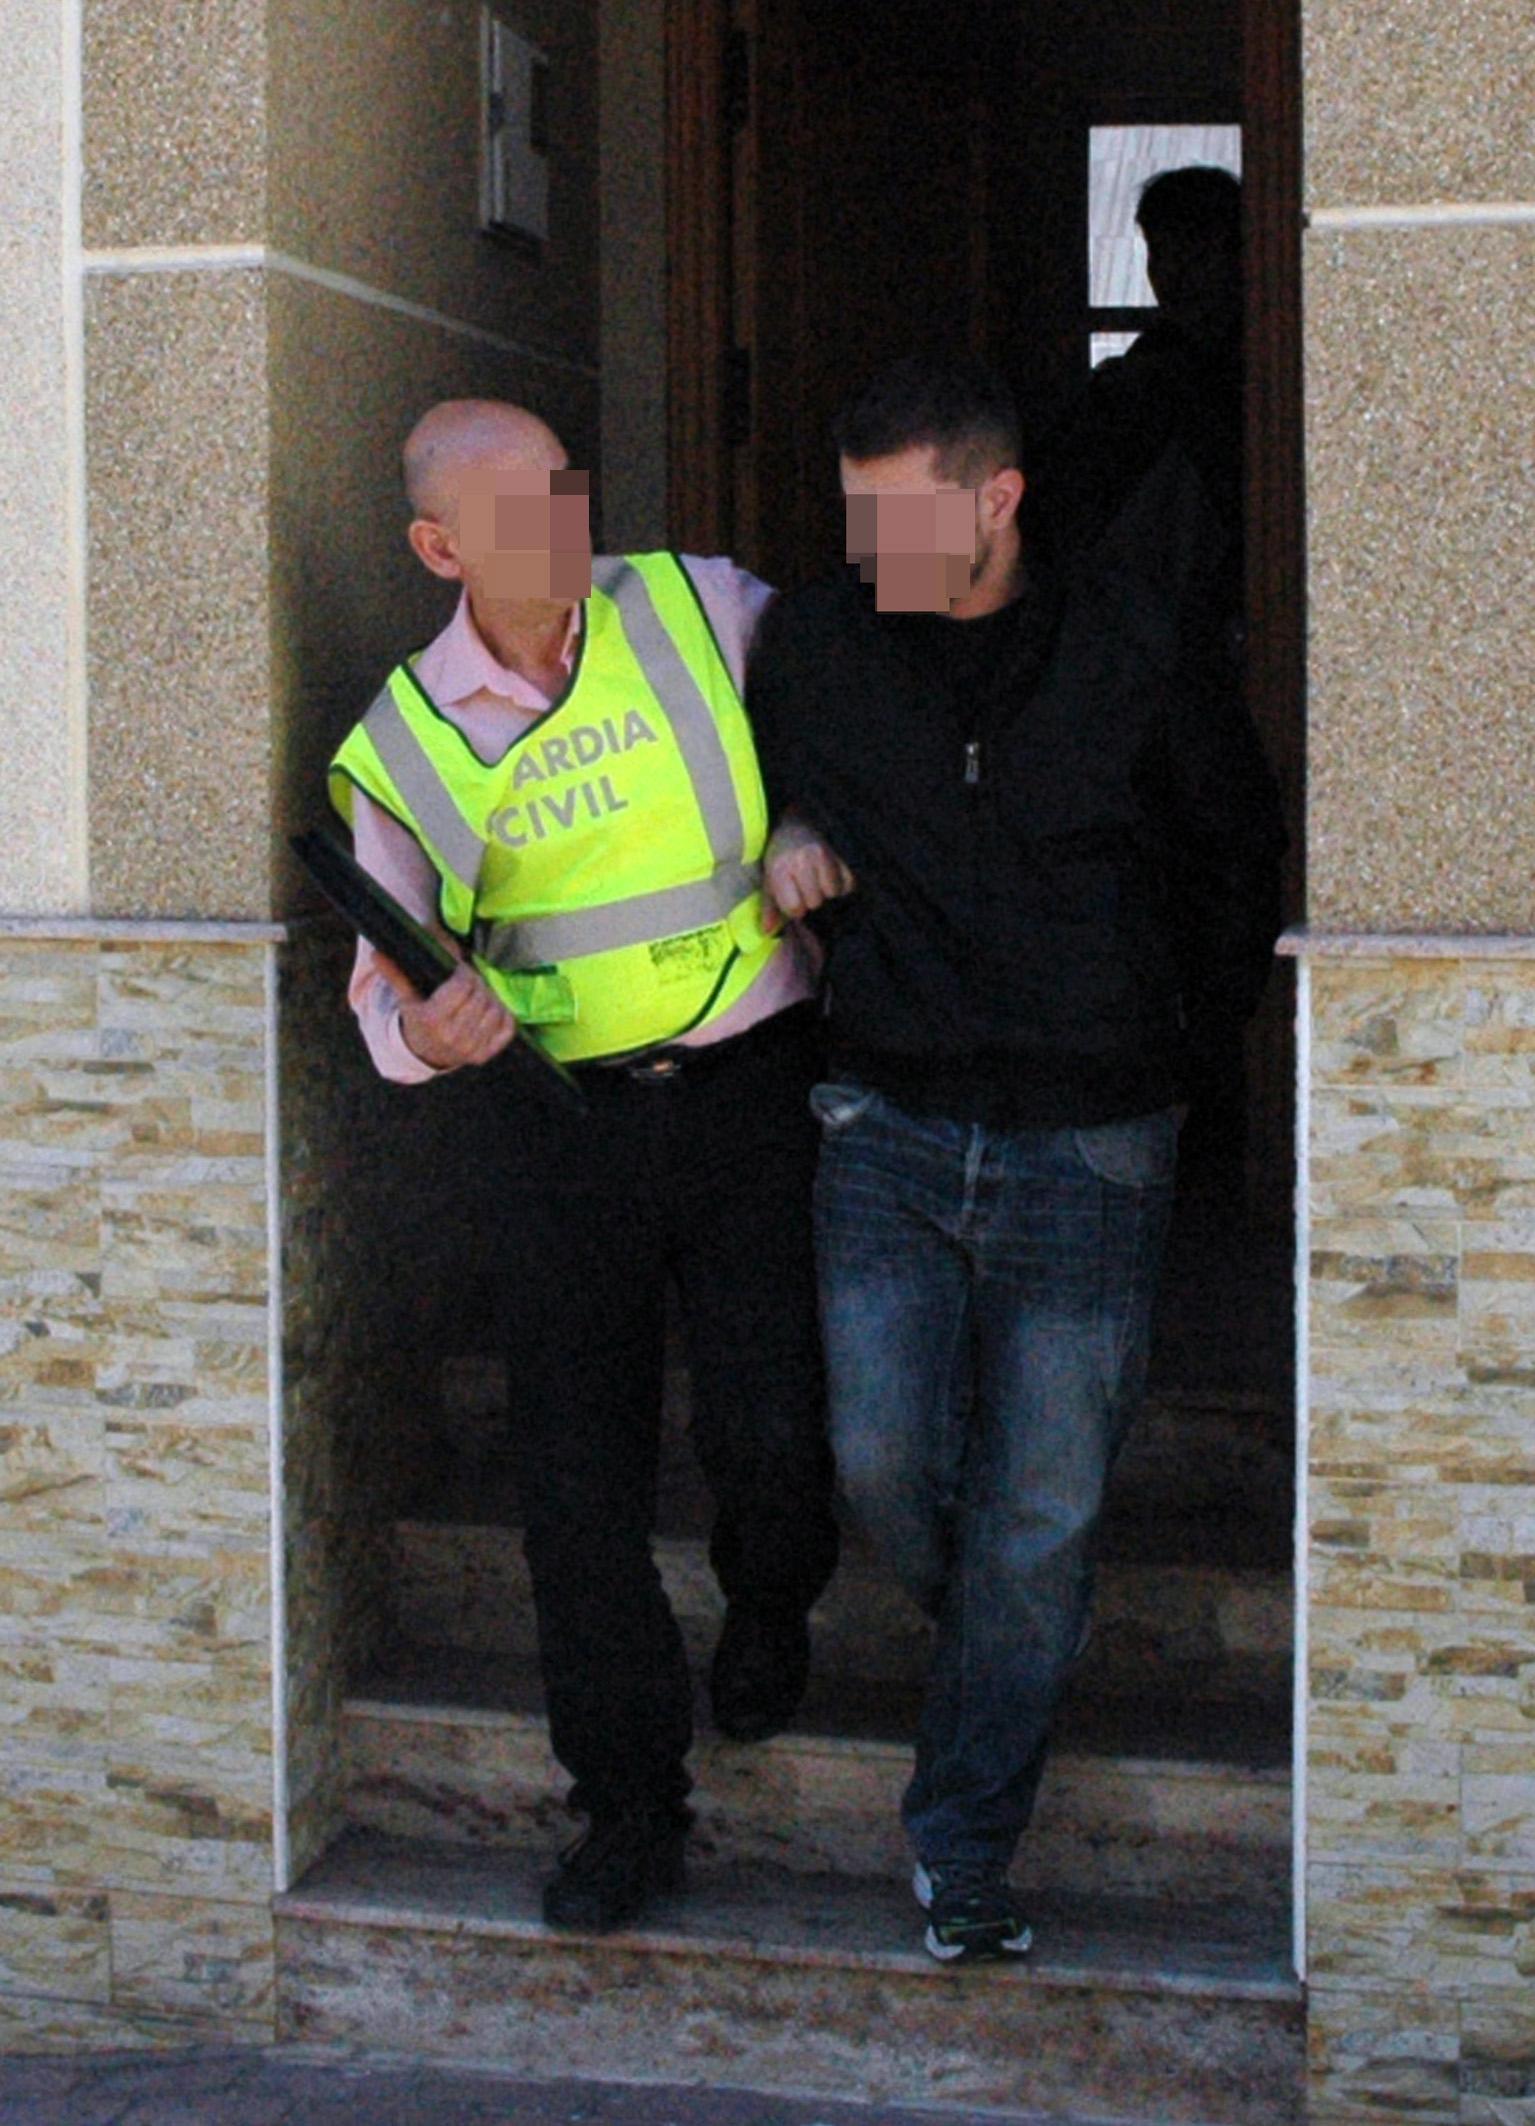 La Guardia Civil detiene a una persona por difundir en las redes sociales mensajes ofensivos que incitan al odio y la violencia